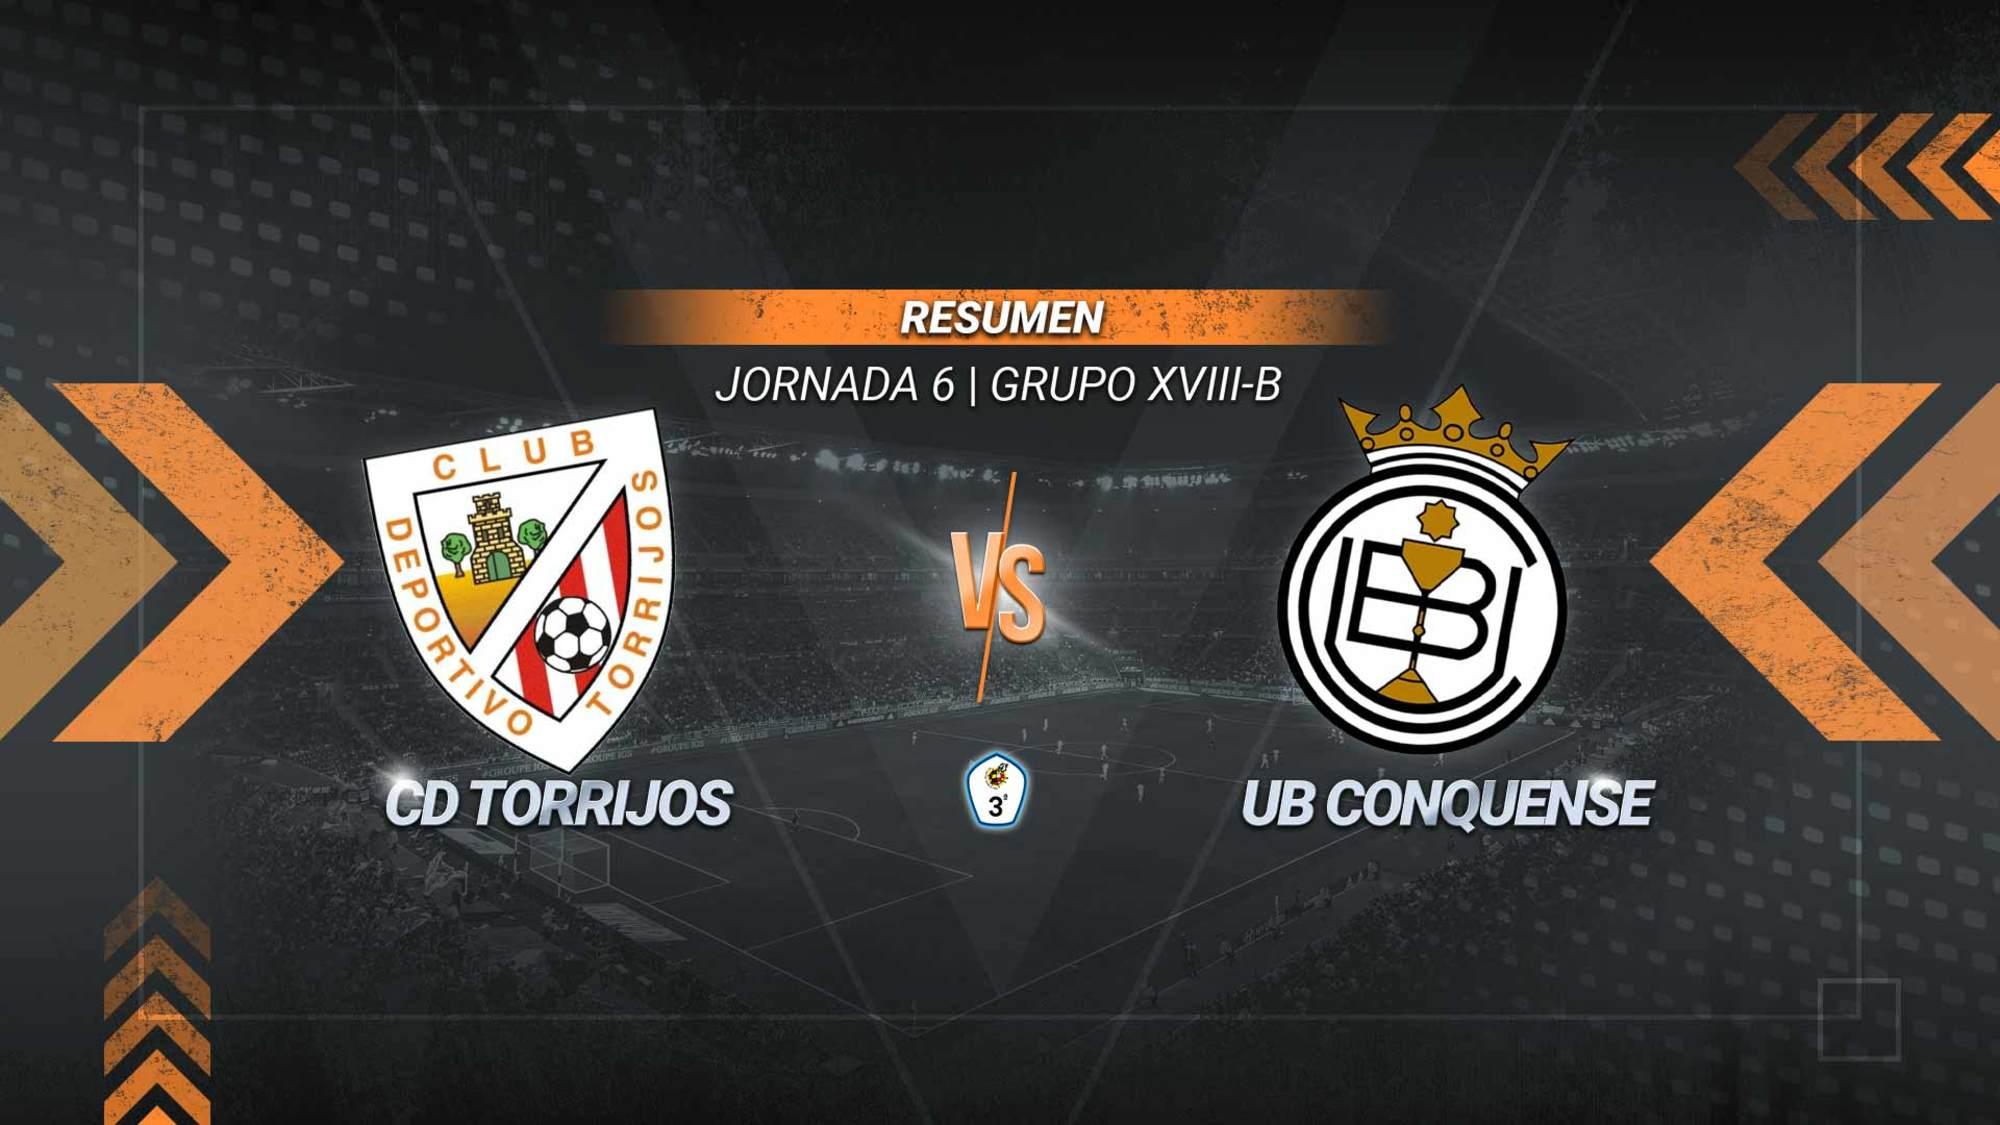 El Conquense asalta Torrijos y consigue el tercer triunfo de la temporada. Los goles de Paco Tomás, de penalti, y de Miguel Chaves, sitúan a los conquenses cuartos del subgrupo B. En el cuadro torrijeño ha anotado Borja.